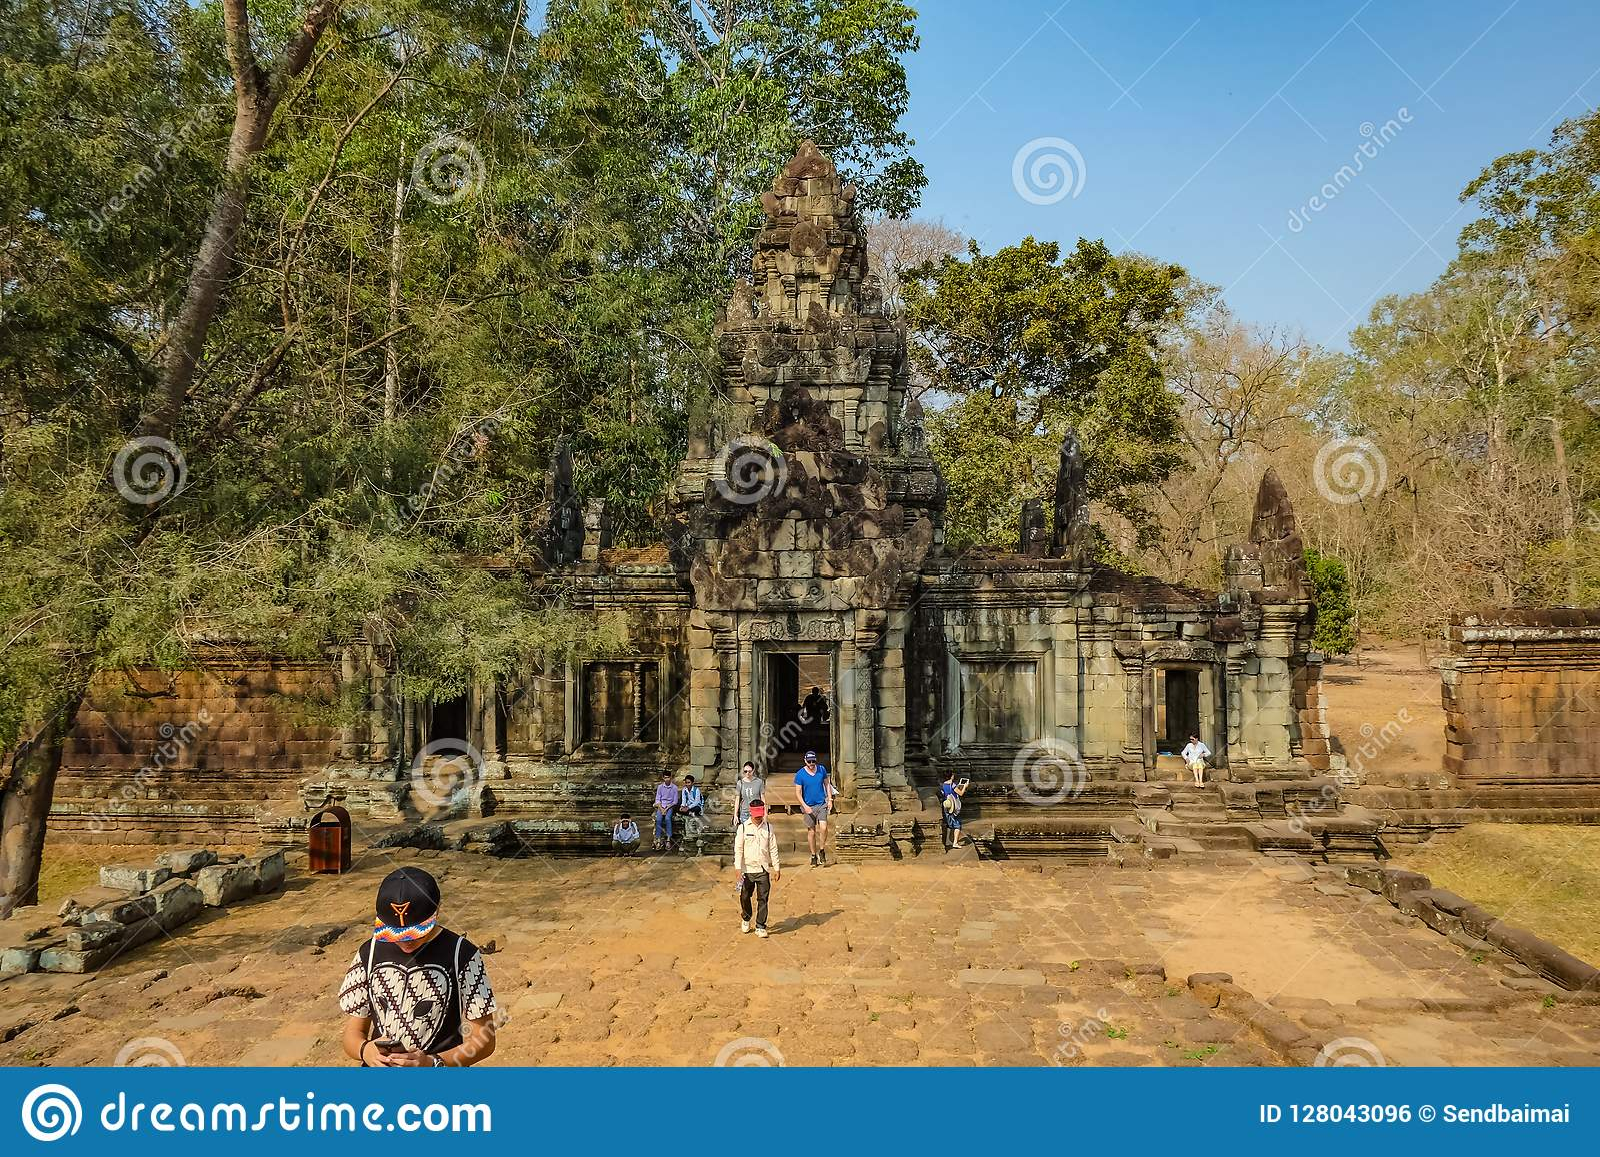 Angkor Wat Angkor Thom Siem Reap